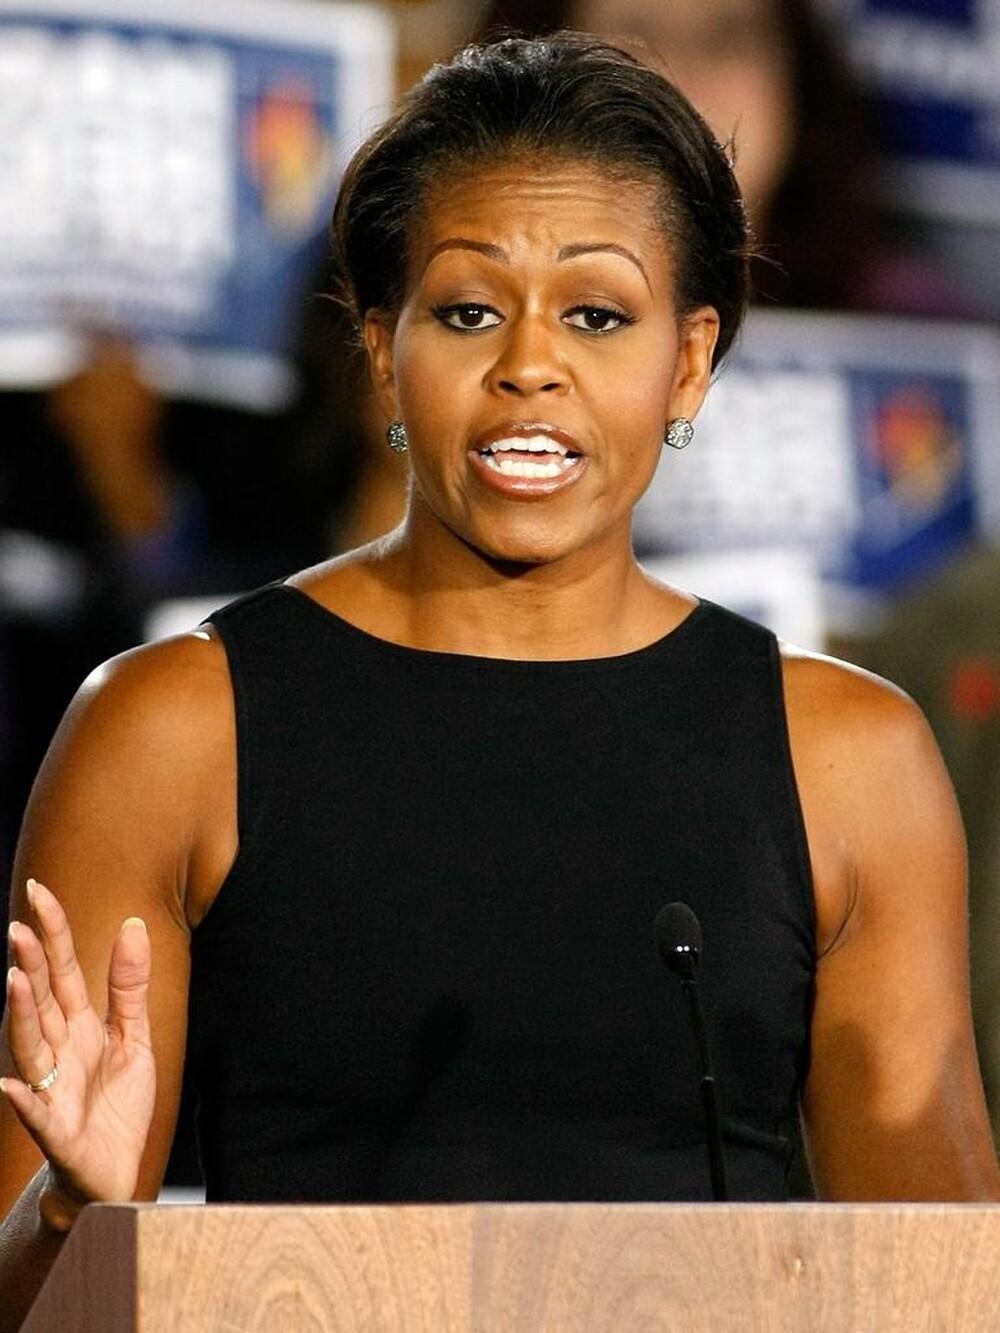 Từ vụ việc gây tranh cãi của bà Jill Biden vô tình khiến khán giả gợi nhớ đến chiếc áo không tay của cựu Đệ nhất phu nhân Michelle Obama, từng bị cho là thiếu trang trọng khi xuất hiện trong sự kiện thảo luận về các cuộc khủng hoảng ở Iraq và Ukraine.